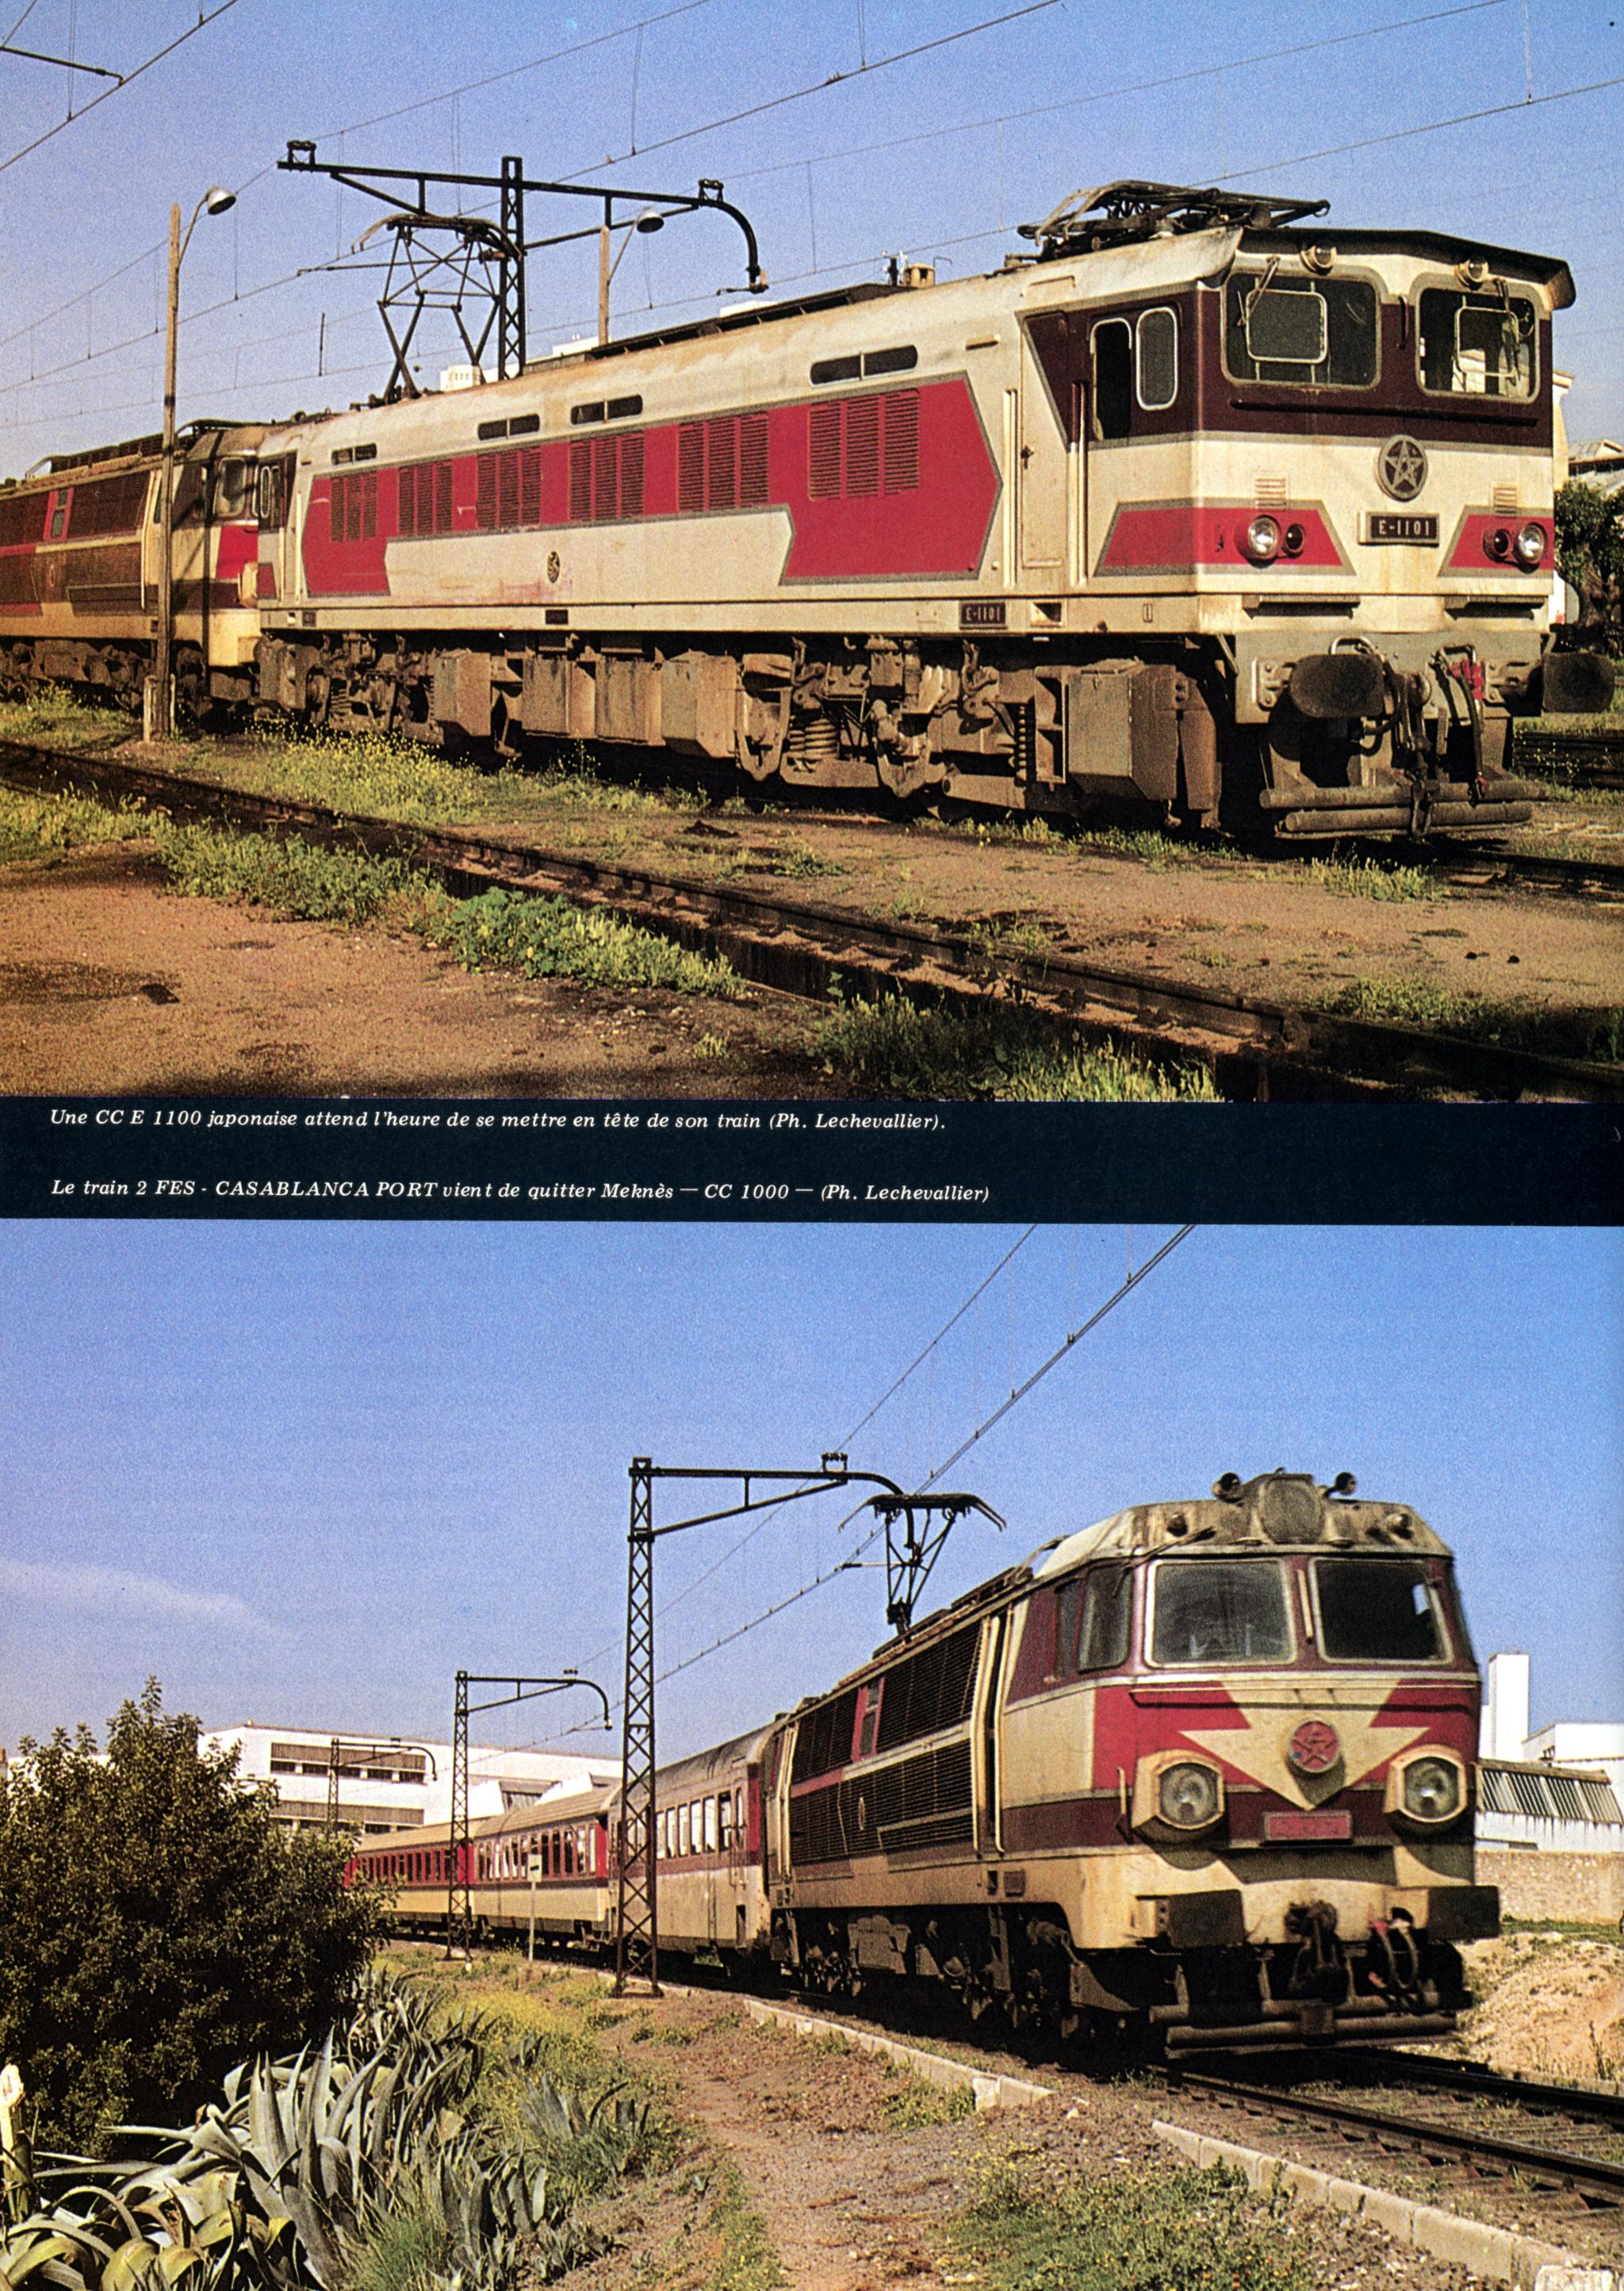 Chemins de Fer au Maroc - ONCF  - Page 4 49737028337_cd1b4bed4e_o_d